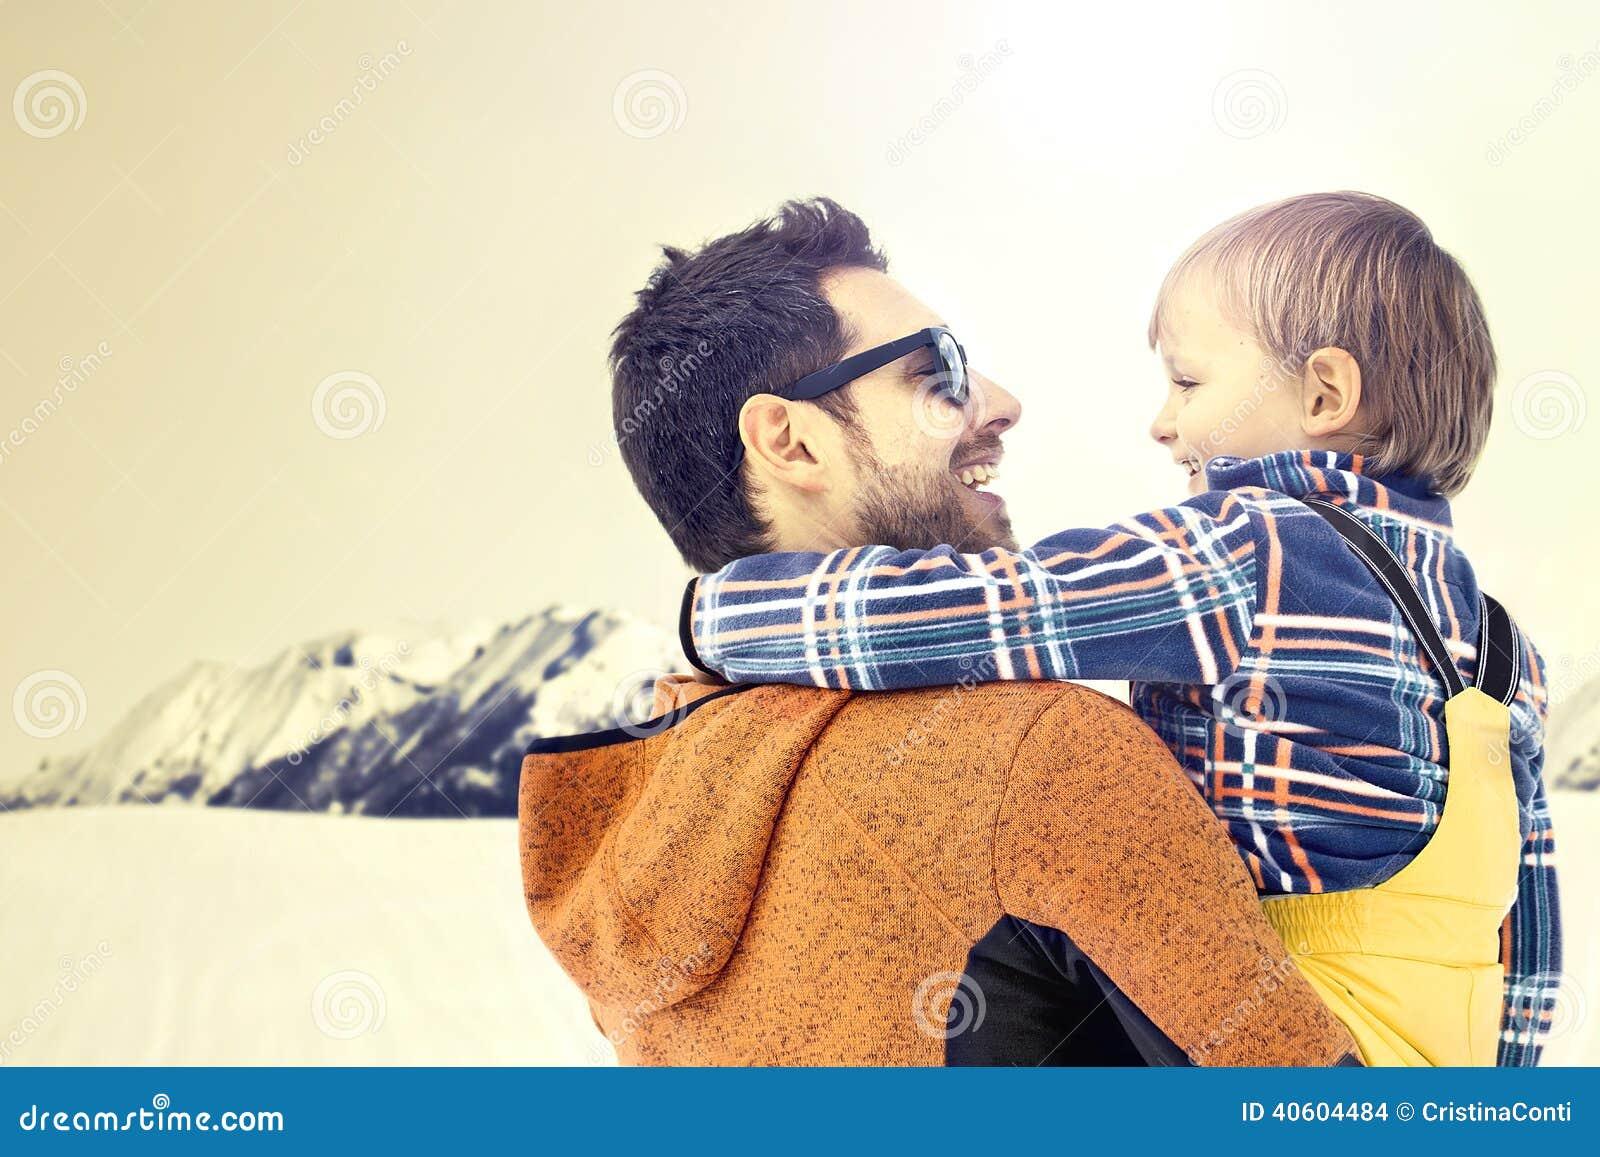 Gene o inquietação de seu filho às paisagens do inverno do wanderfull, crescendo